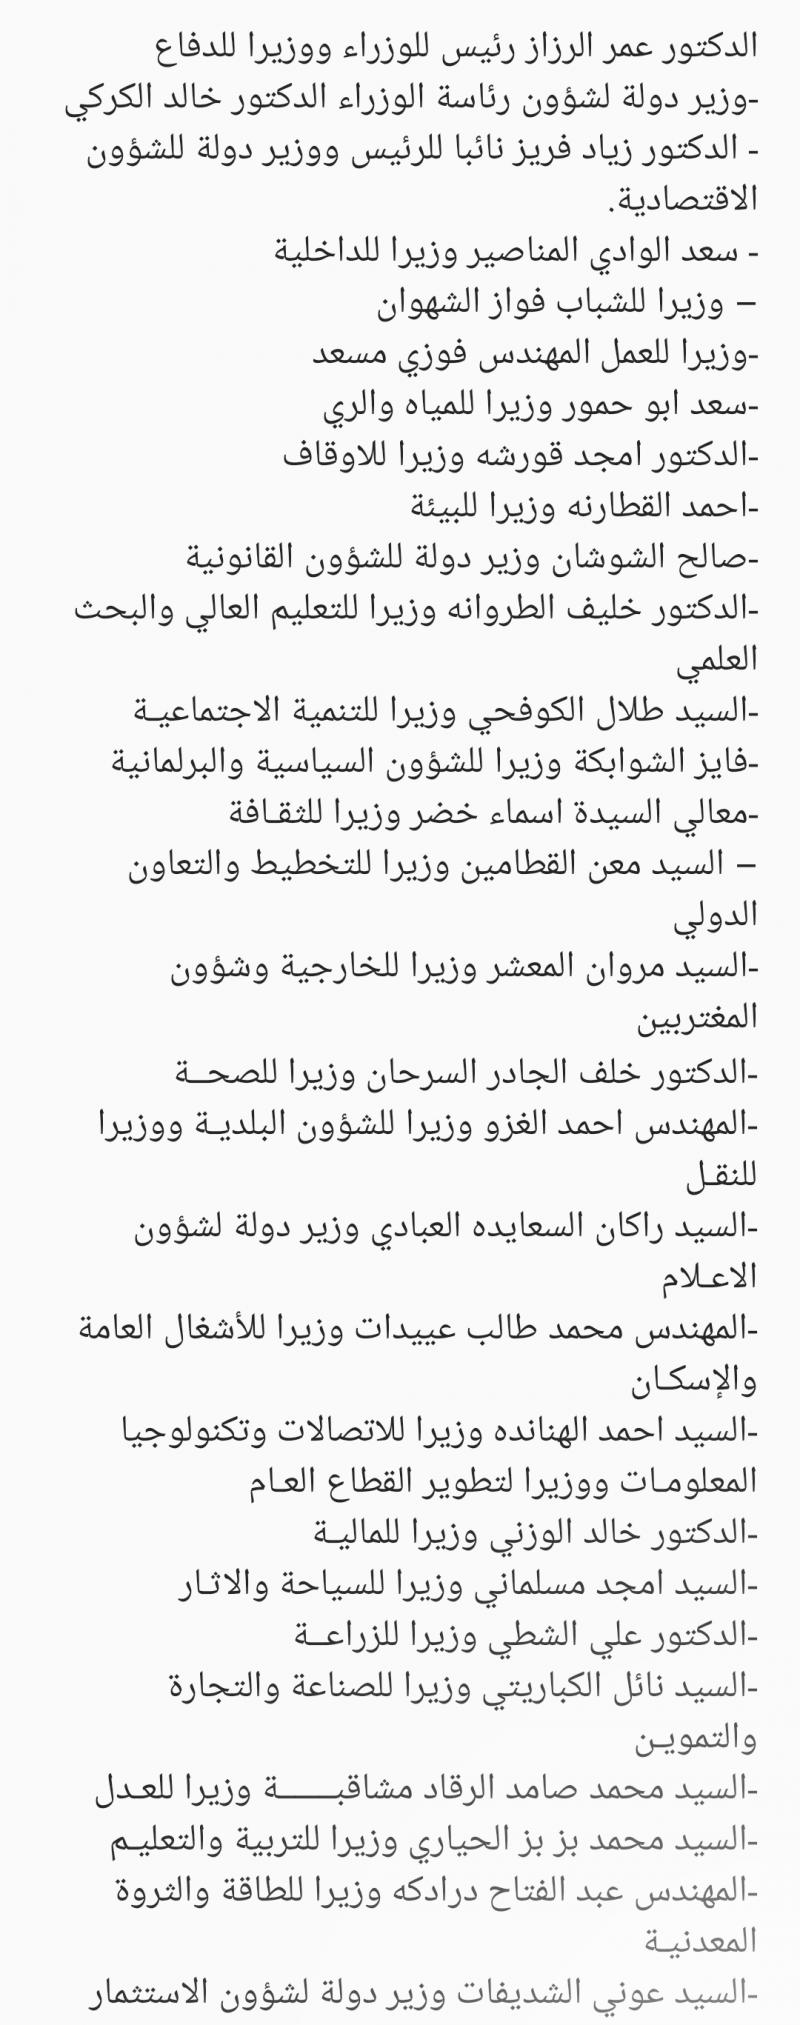 التشكيلة الوزارية المتوقعة تبعا للإشاعات لحكومة الدكتور #عمر_الرزاز في #الأردن #إضراب_الأردن